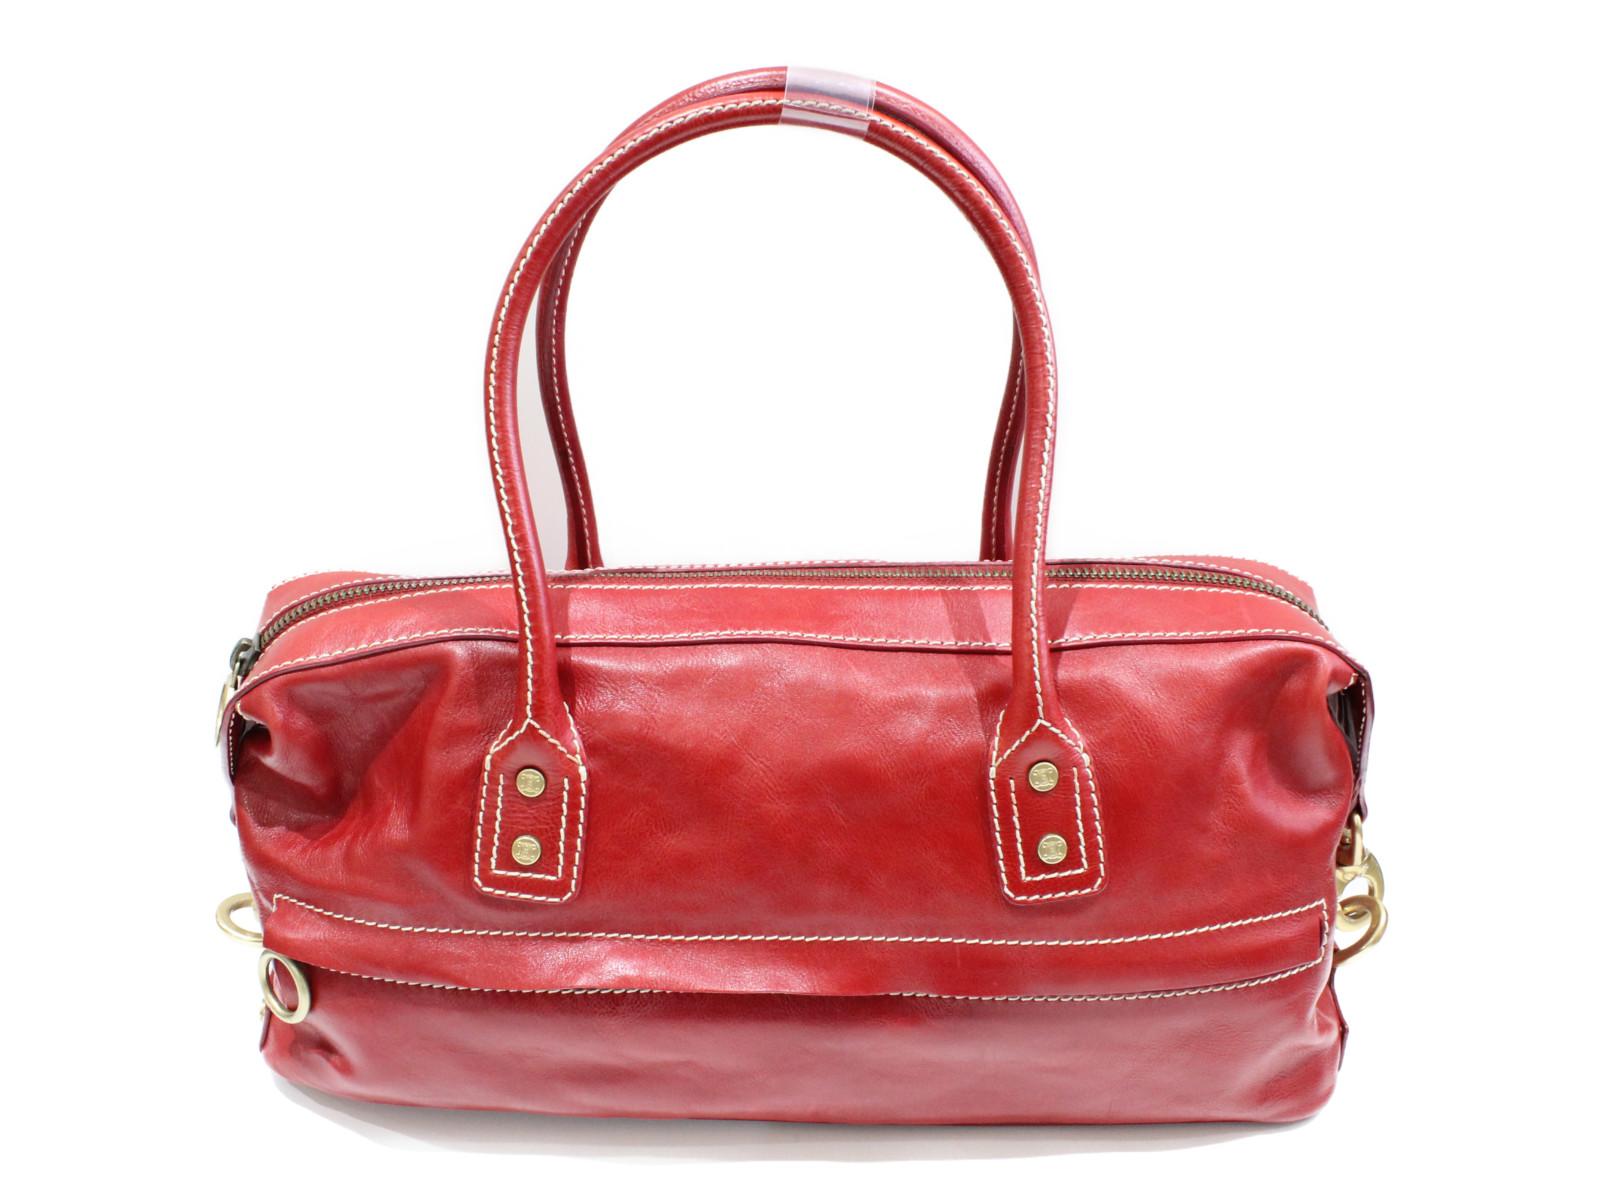 【CELINE(セリーヌ)】ハンドバッグ CE00/24レザー 赤オシャレ レディースプレゼント包装可  【中古】